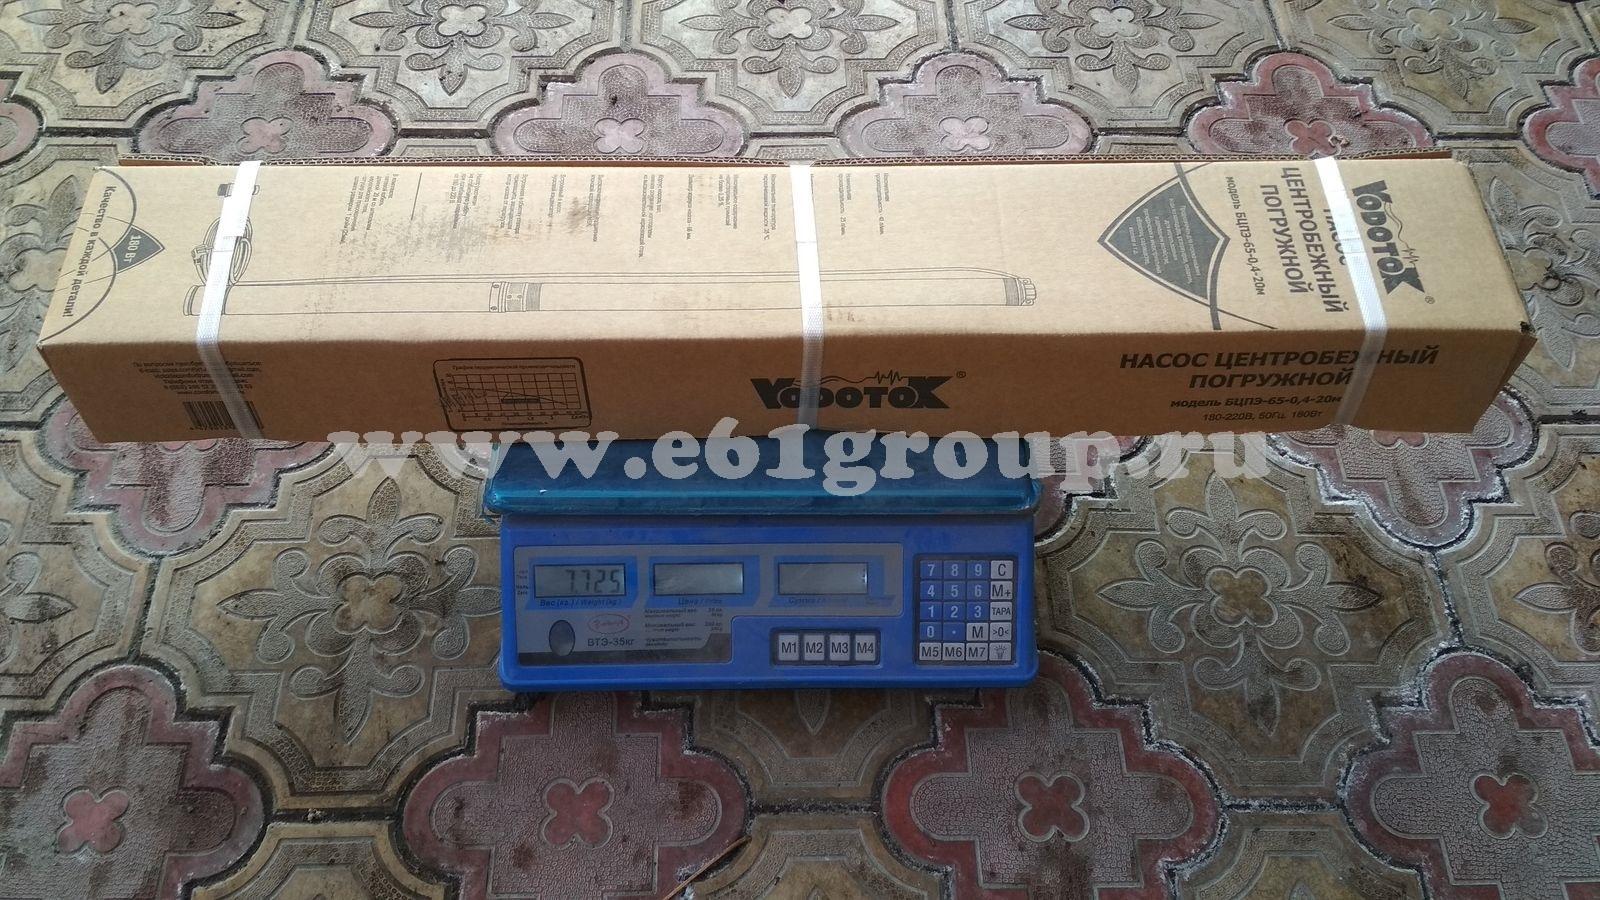 Насос скважинный Vodotok БЦПЭ-65-0,4-20м купить